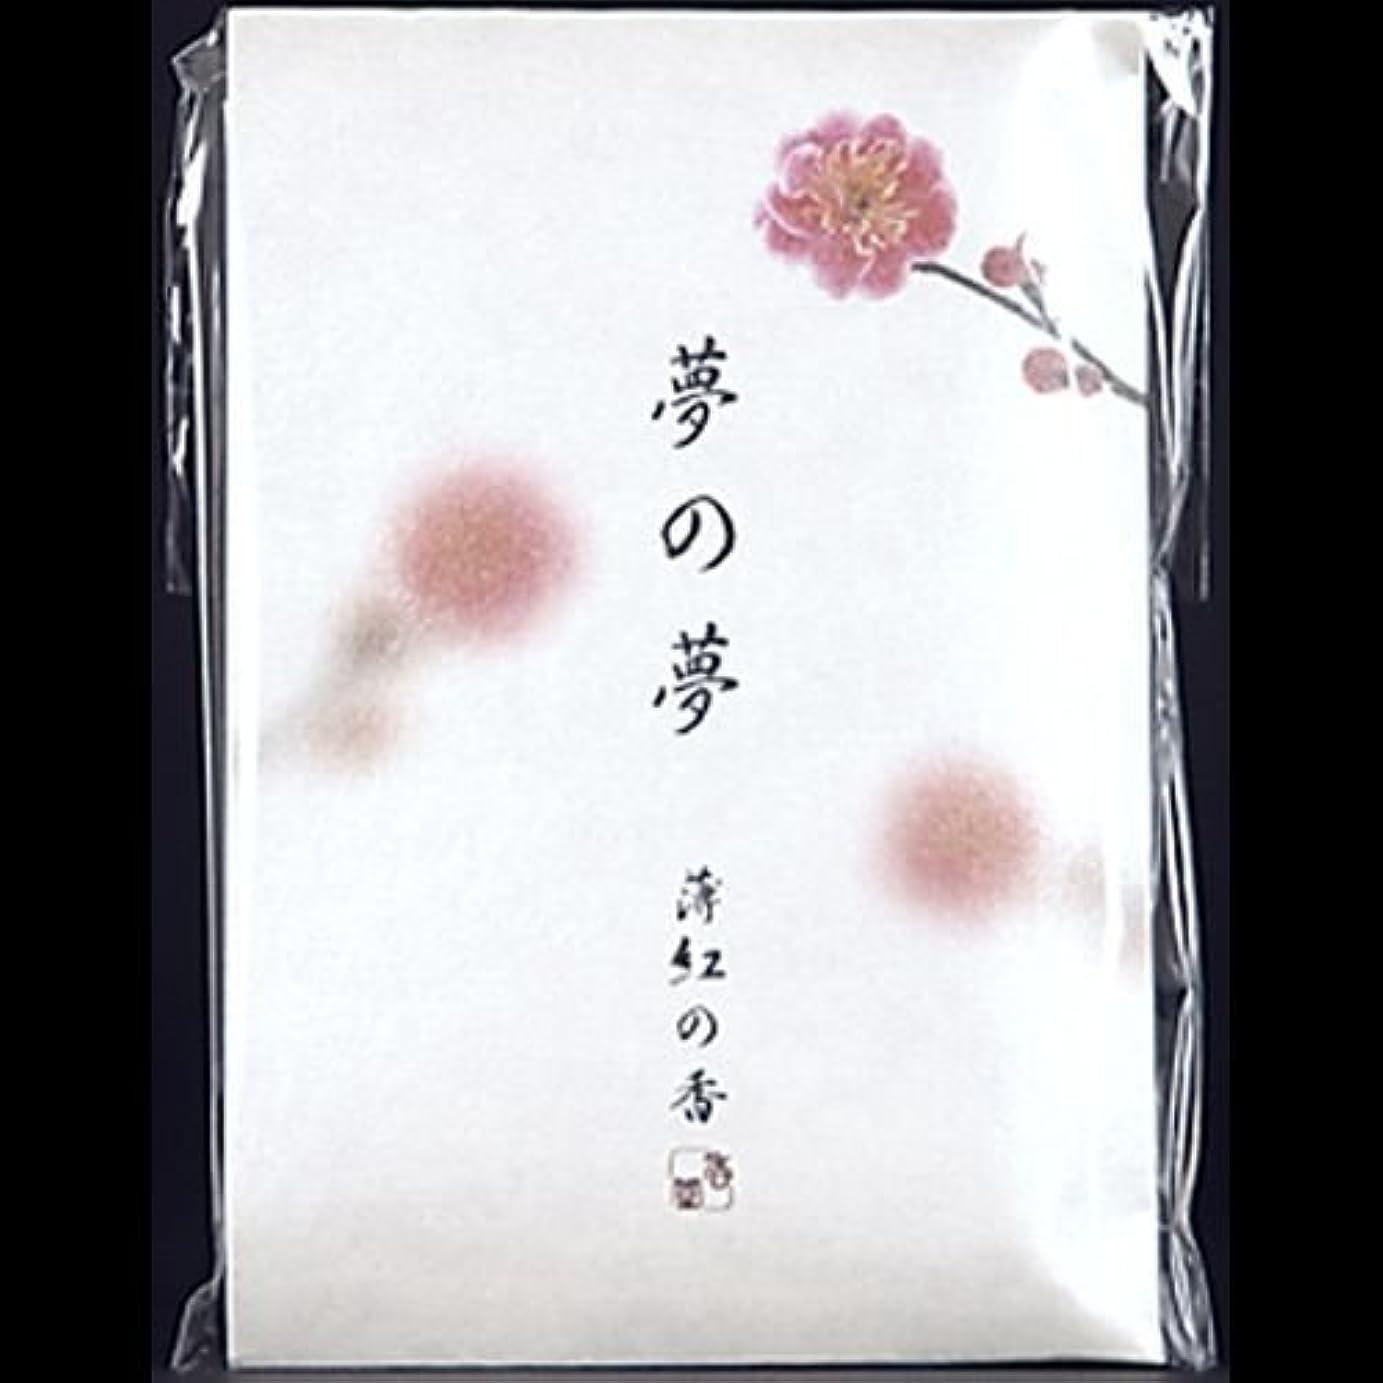 打倒わかりやすい潜在的な【まとめ買い】夢の夢 薄紅の香 (梅) スティック12本入 ×2セット